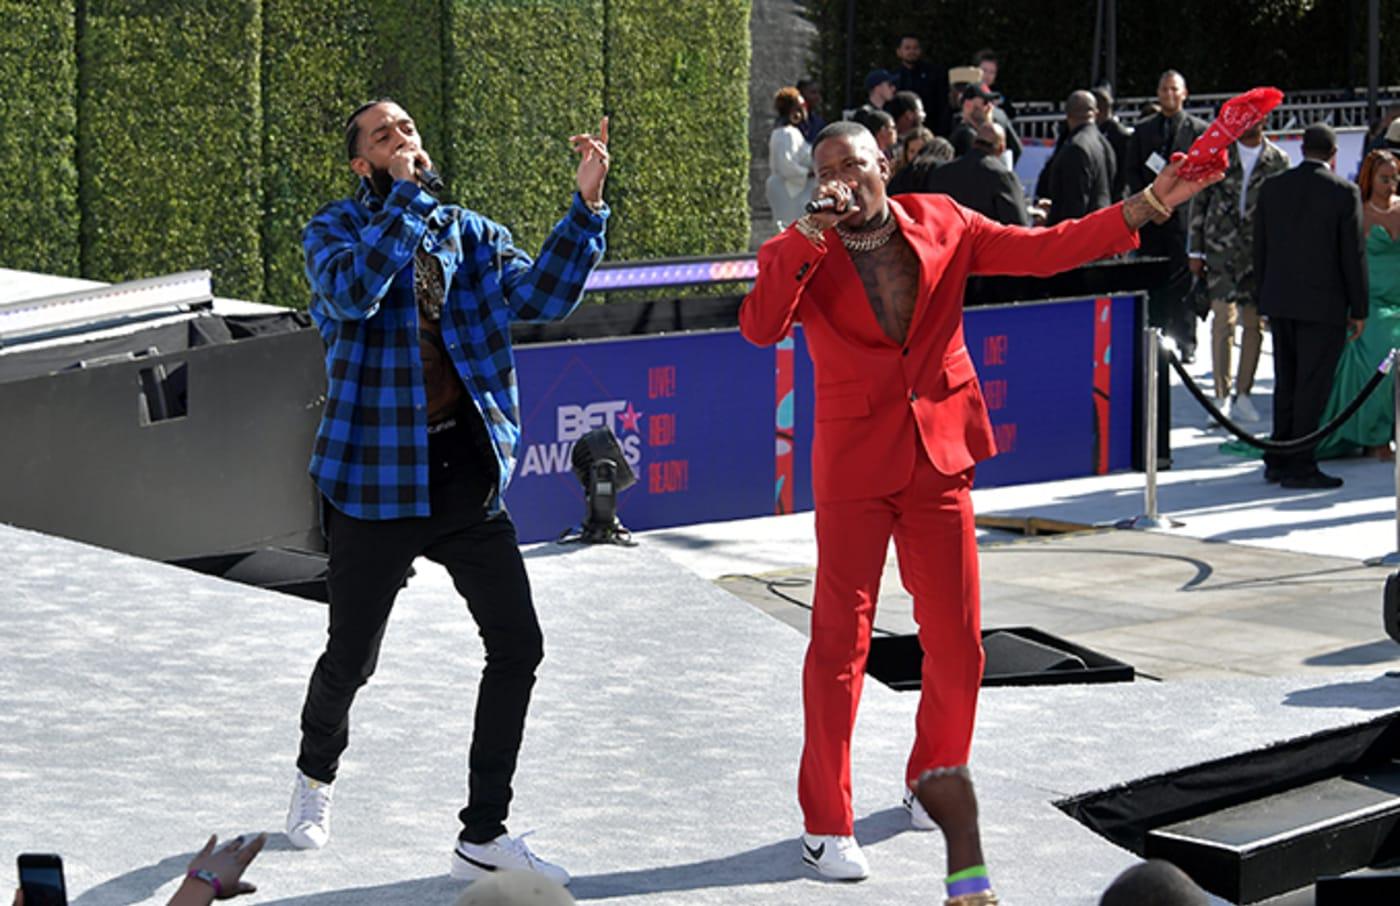 YG and Nipsey Hussle